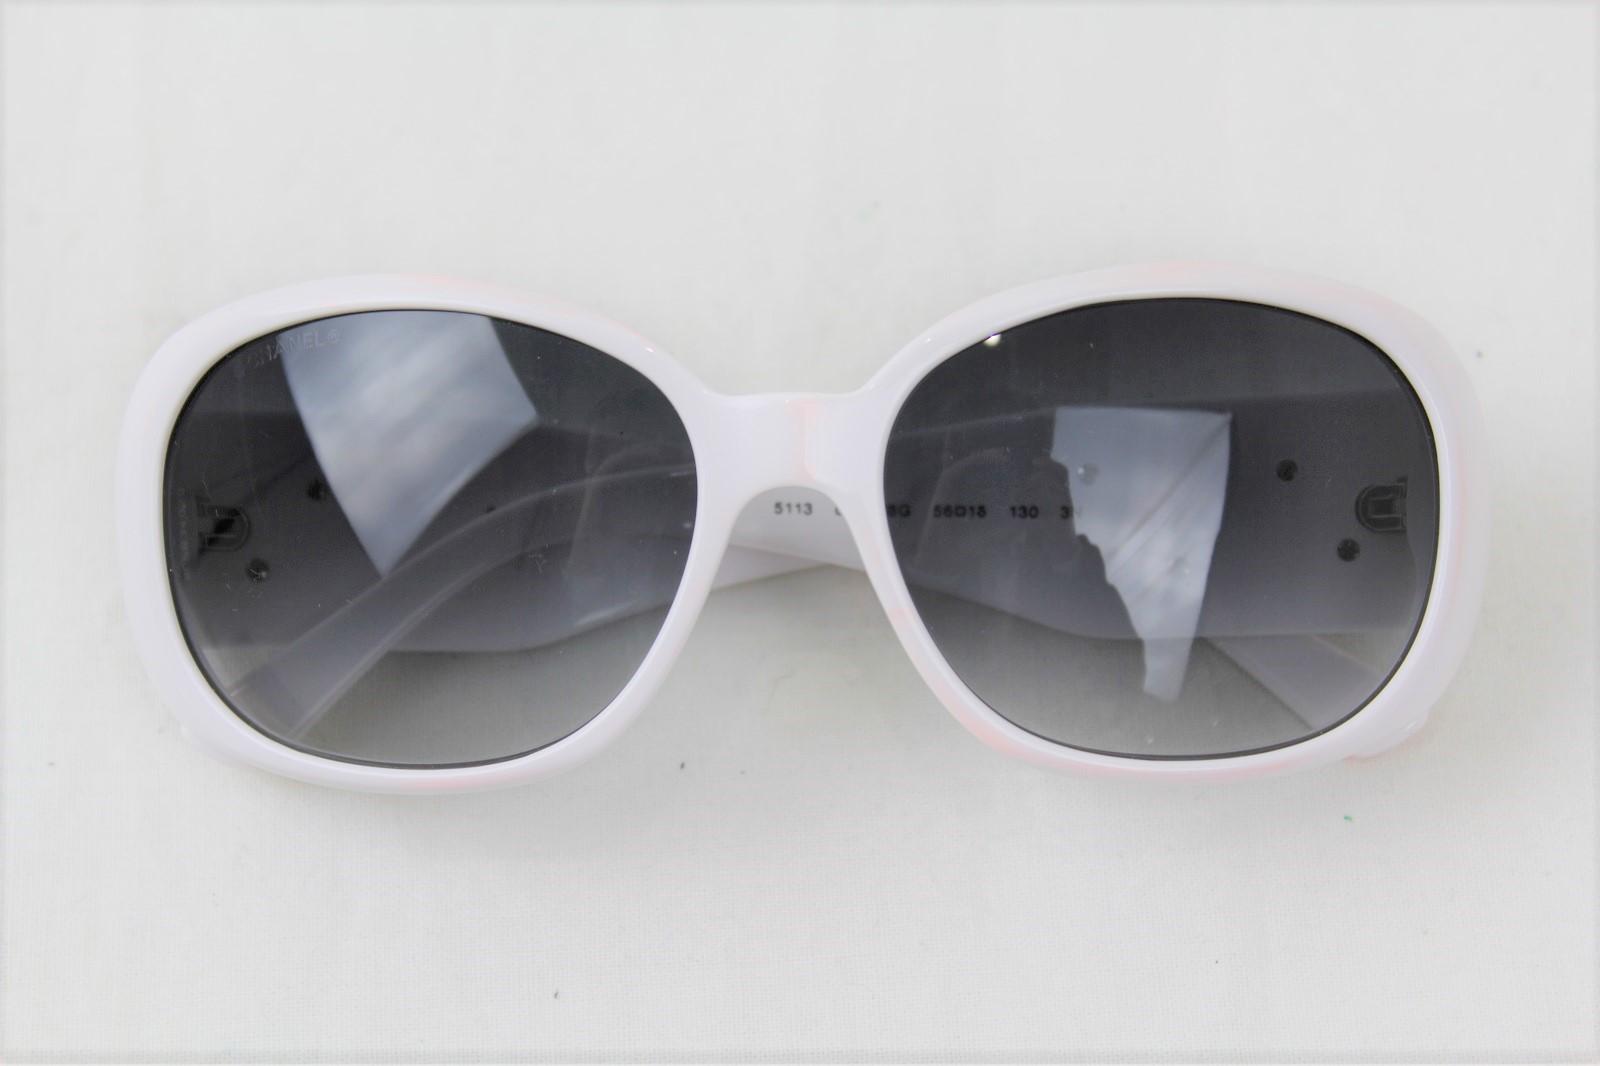 【ケースあり】 CHANEL シャネル カメリアサングラス5113 C.716/8G ホワイト×ブラック プラスチック レディース ウィメンズ ユニセックス ブランド 大人 眼鏡 ココマーク かわいい おしゃれ 【中古】